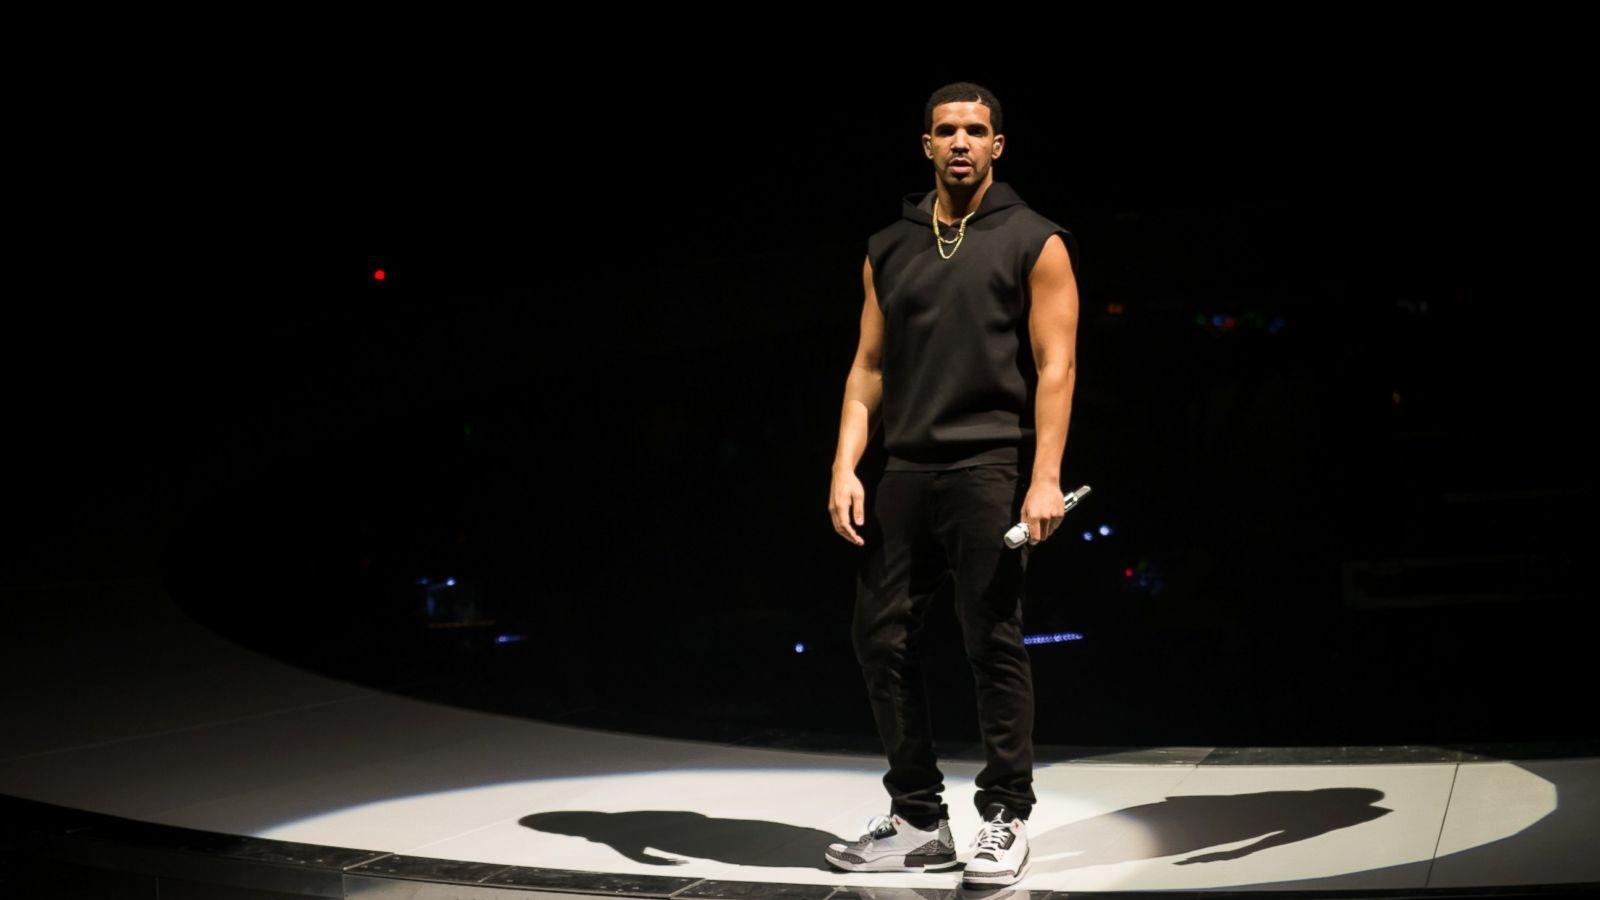 Good Wallpaper Logo Drake - XnL0YO  Trends_1008961.jpg